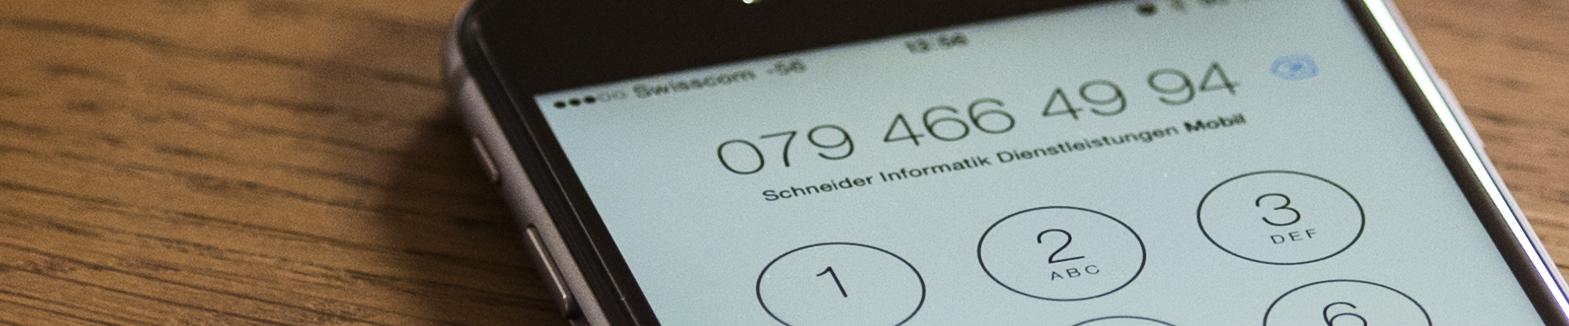 Schneider Informatik Dienstleistungen